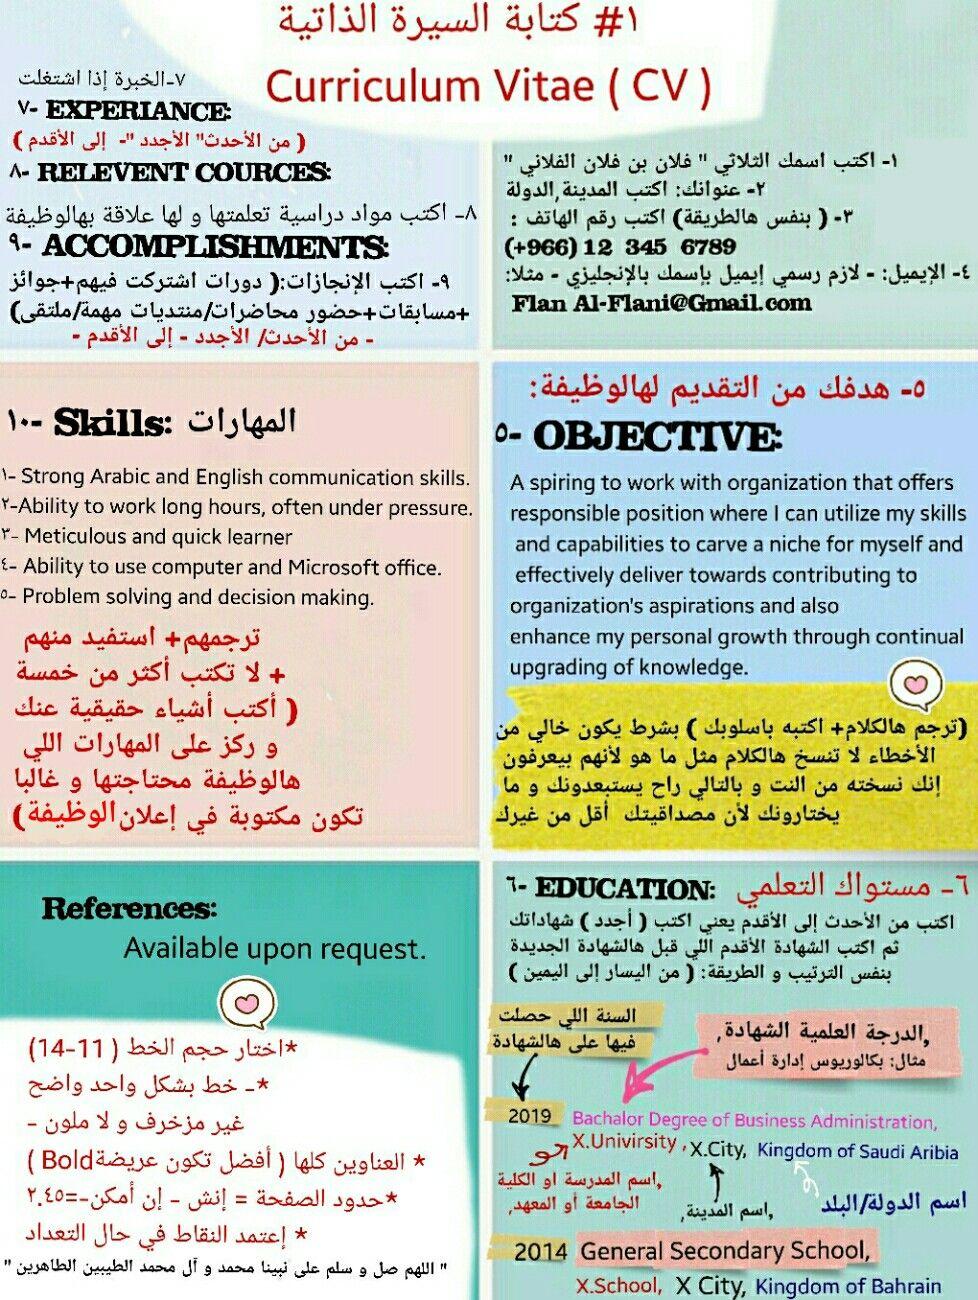 ١ كتابة السيرة الذاتية سيرة ذاتية طريقة Cv Cv Curriculum Vitae Curriculum Vitae Curriculum Vitae Curriculum Things To Know